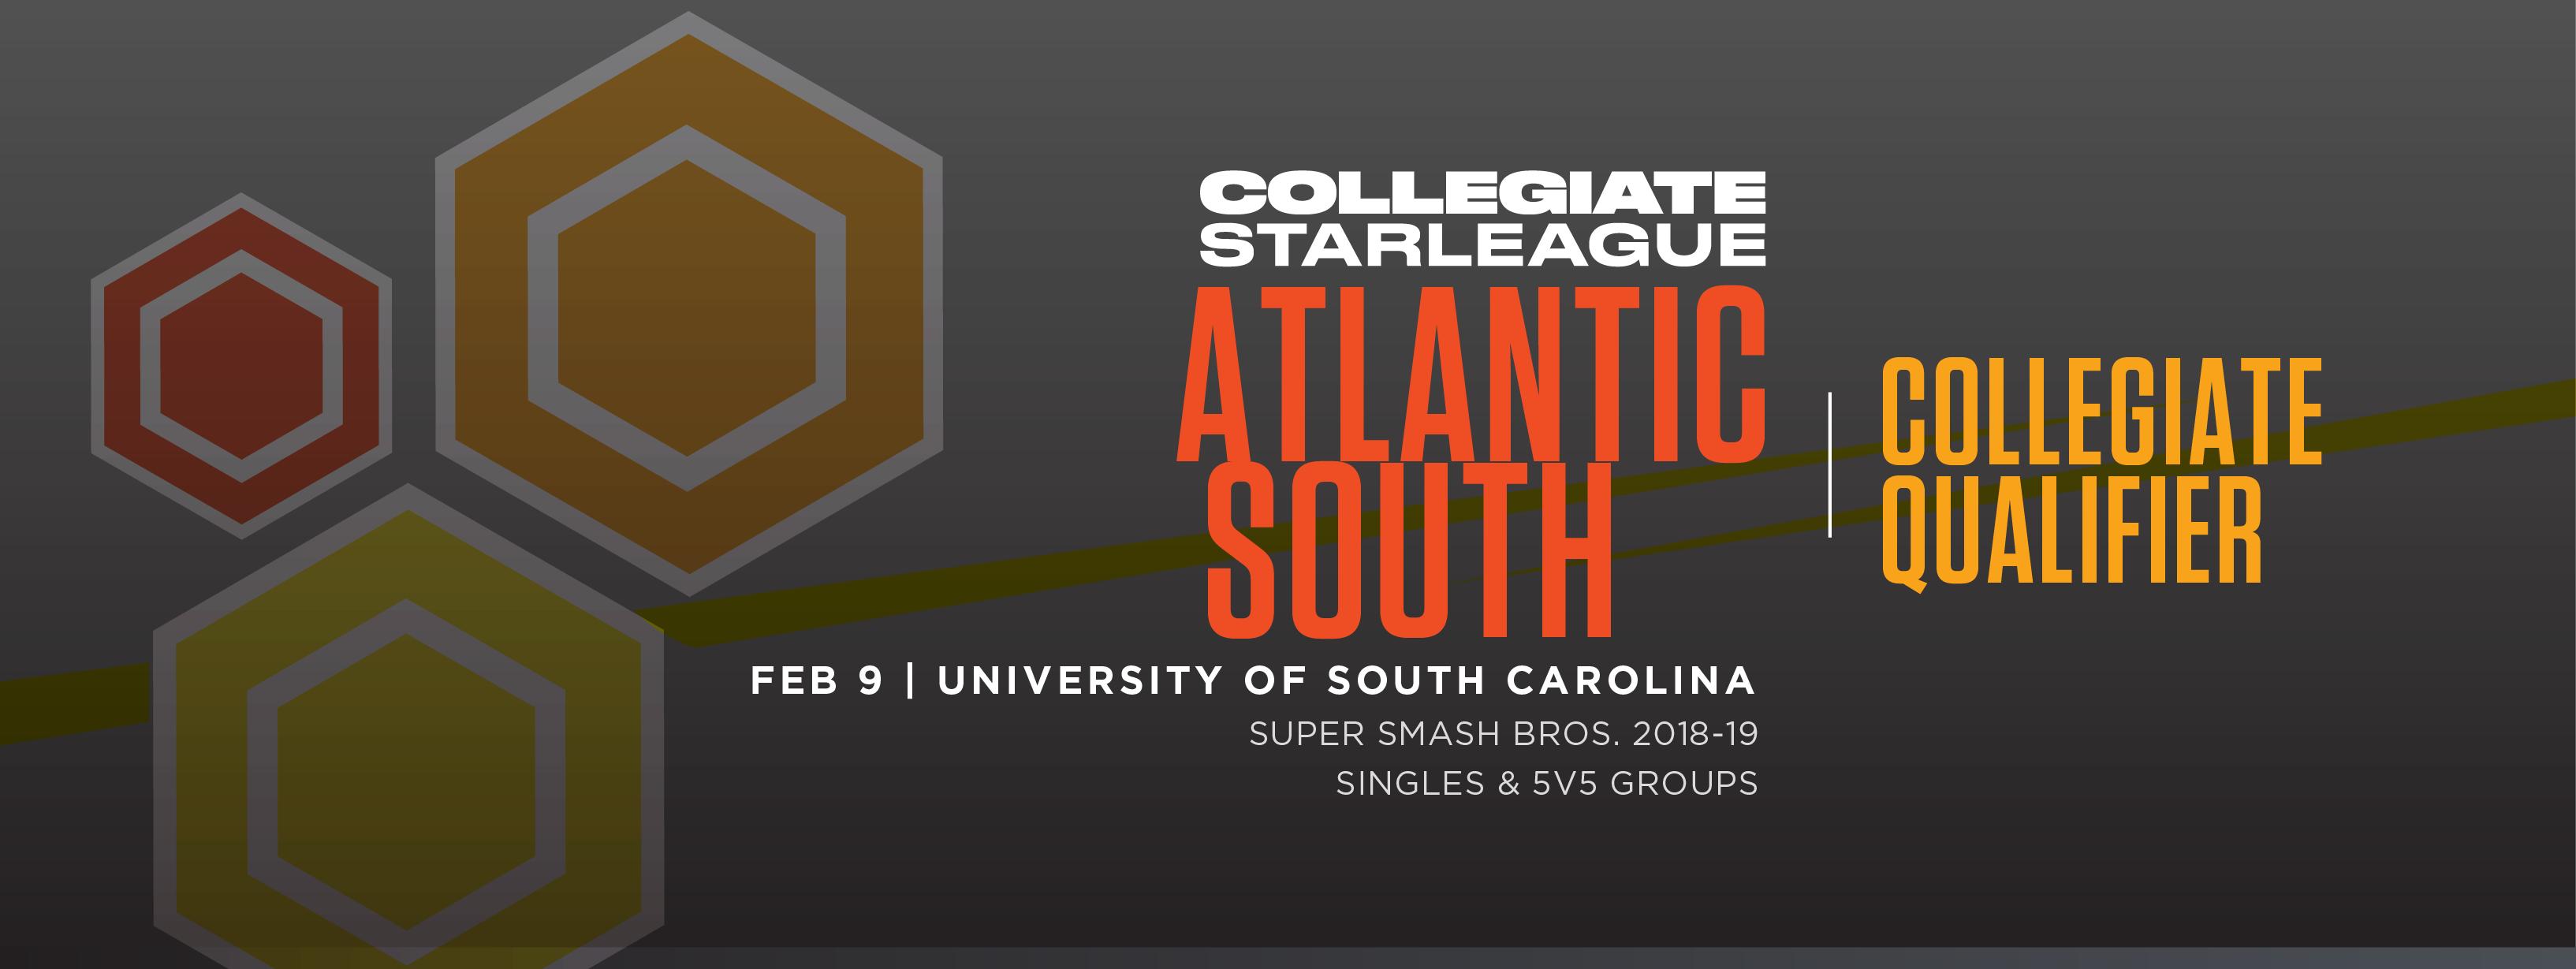 Smash local qualifier fb event image 2018 19 02